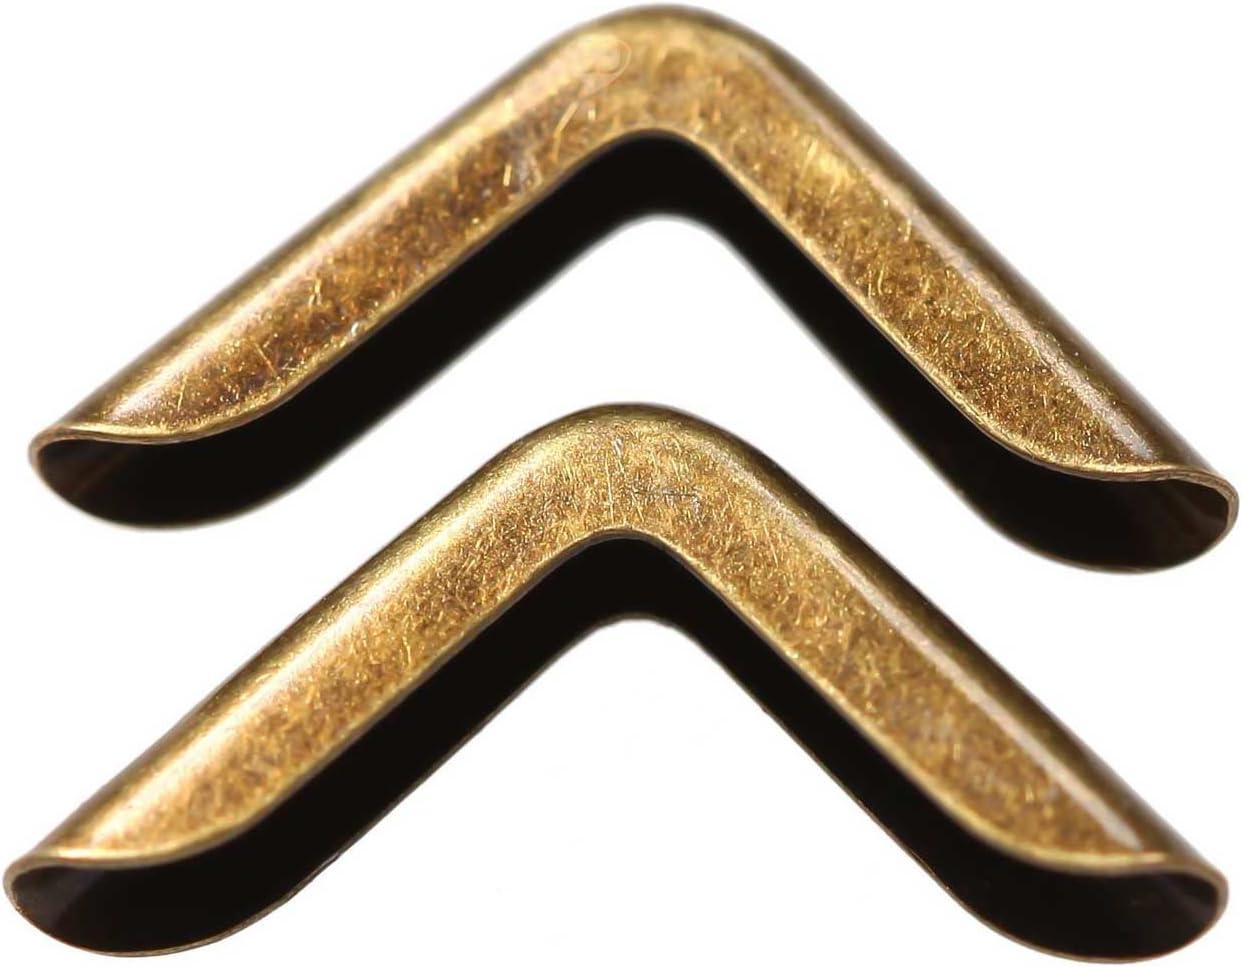 20 x Schutzecke platin Eckenschutz 30x43 mm für 6mm Materialdicke